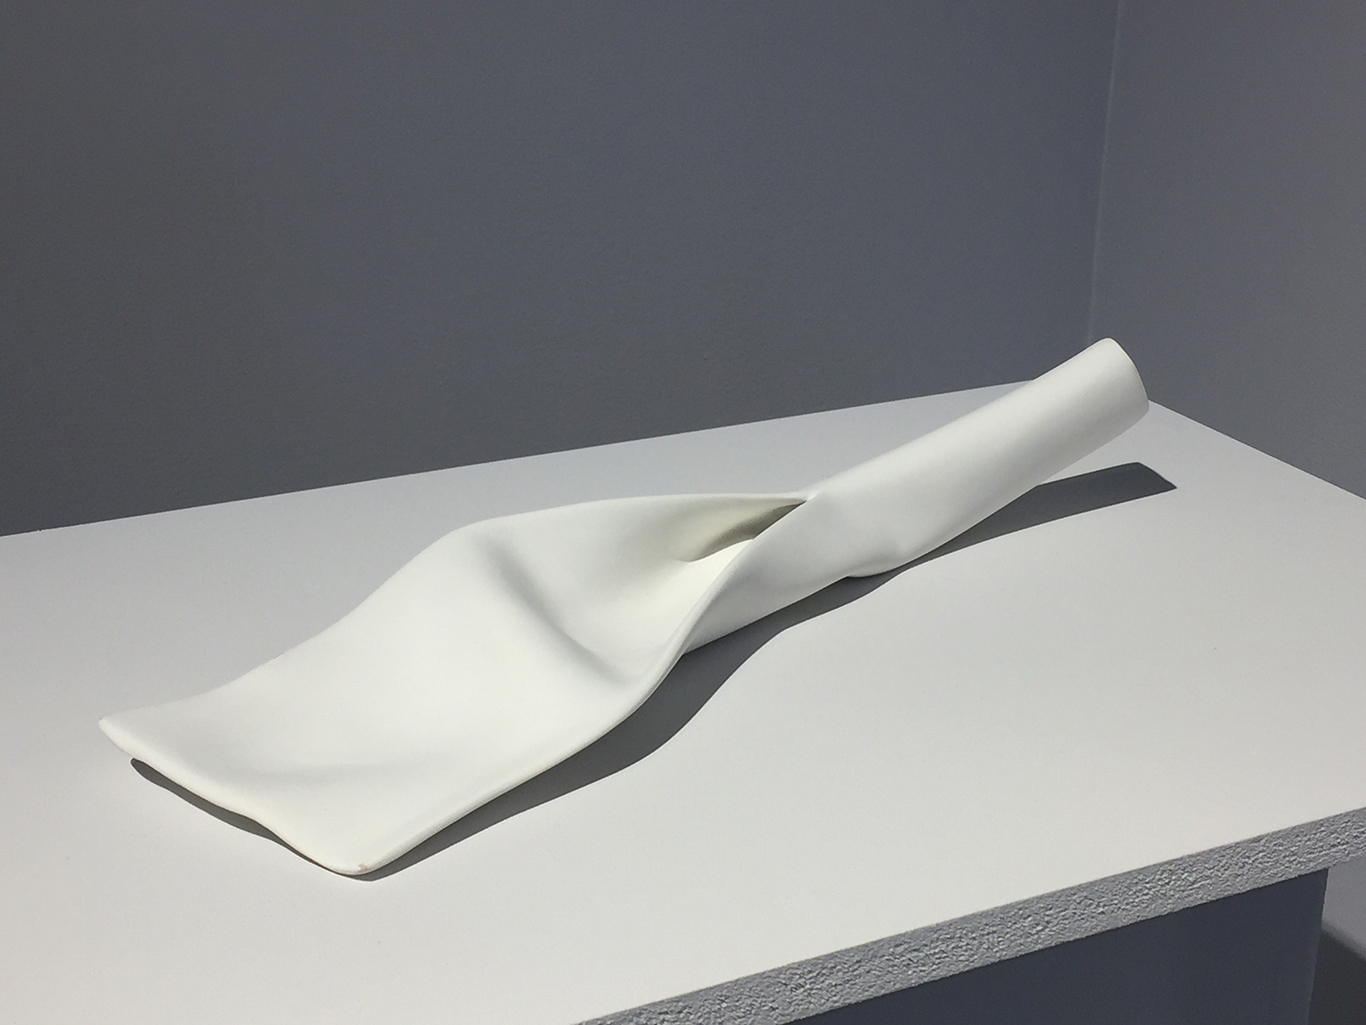 #49 A.V. Ryan  zwischen  rubber, paper, glue, joint compound 12 x 3 x 2 in 2016